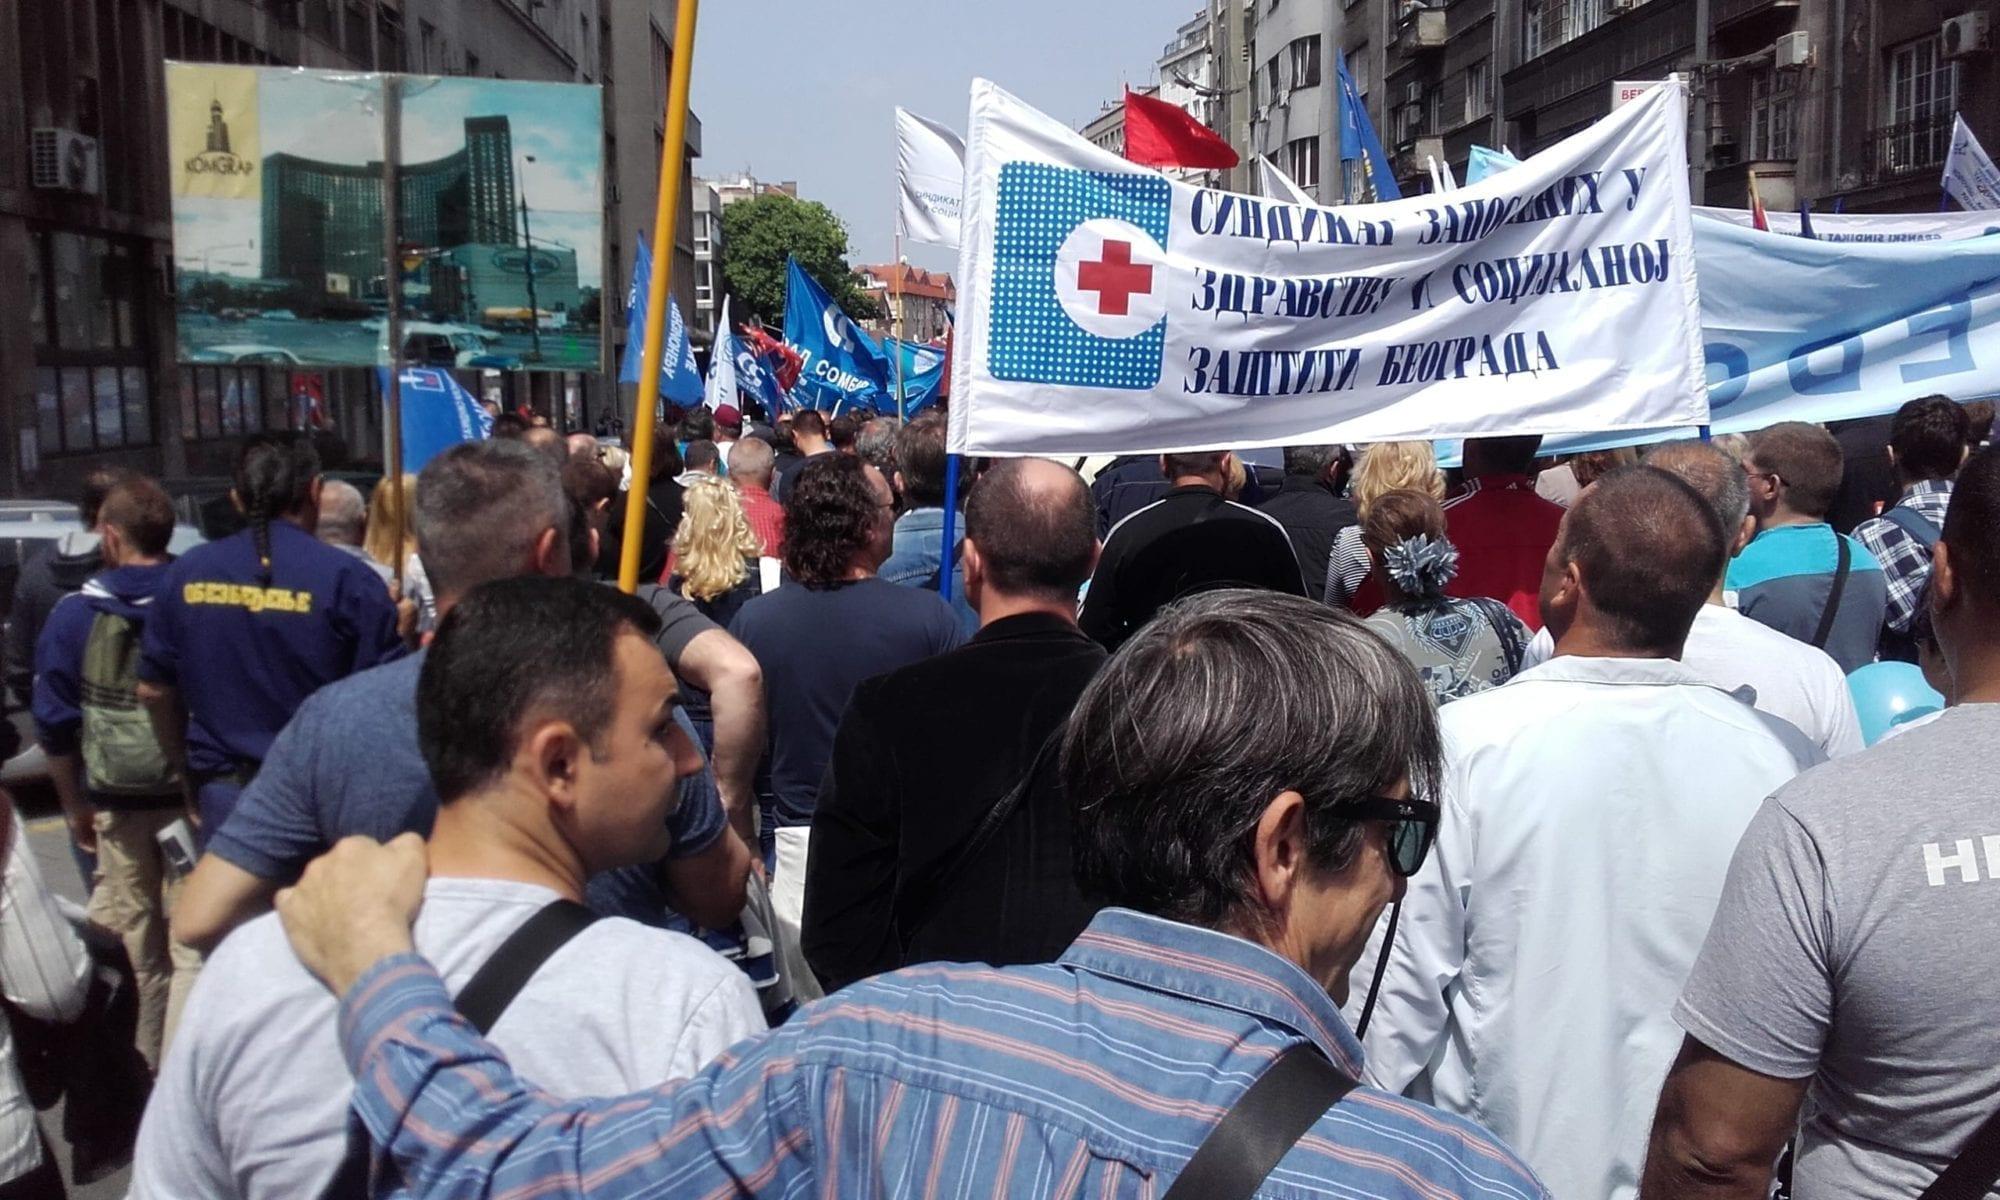 Serbia, Solidarity Center, May Day 2017, human rights